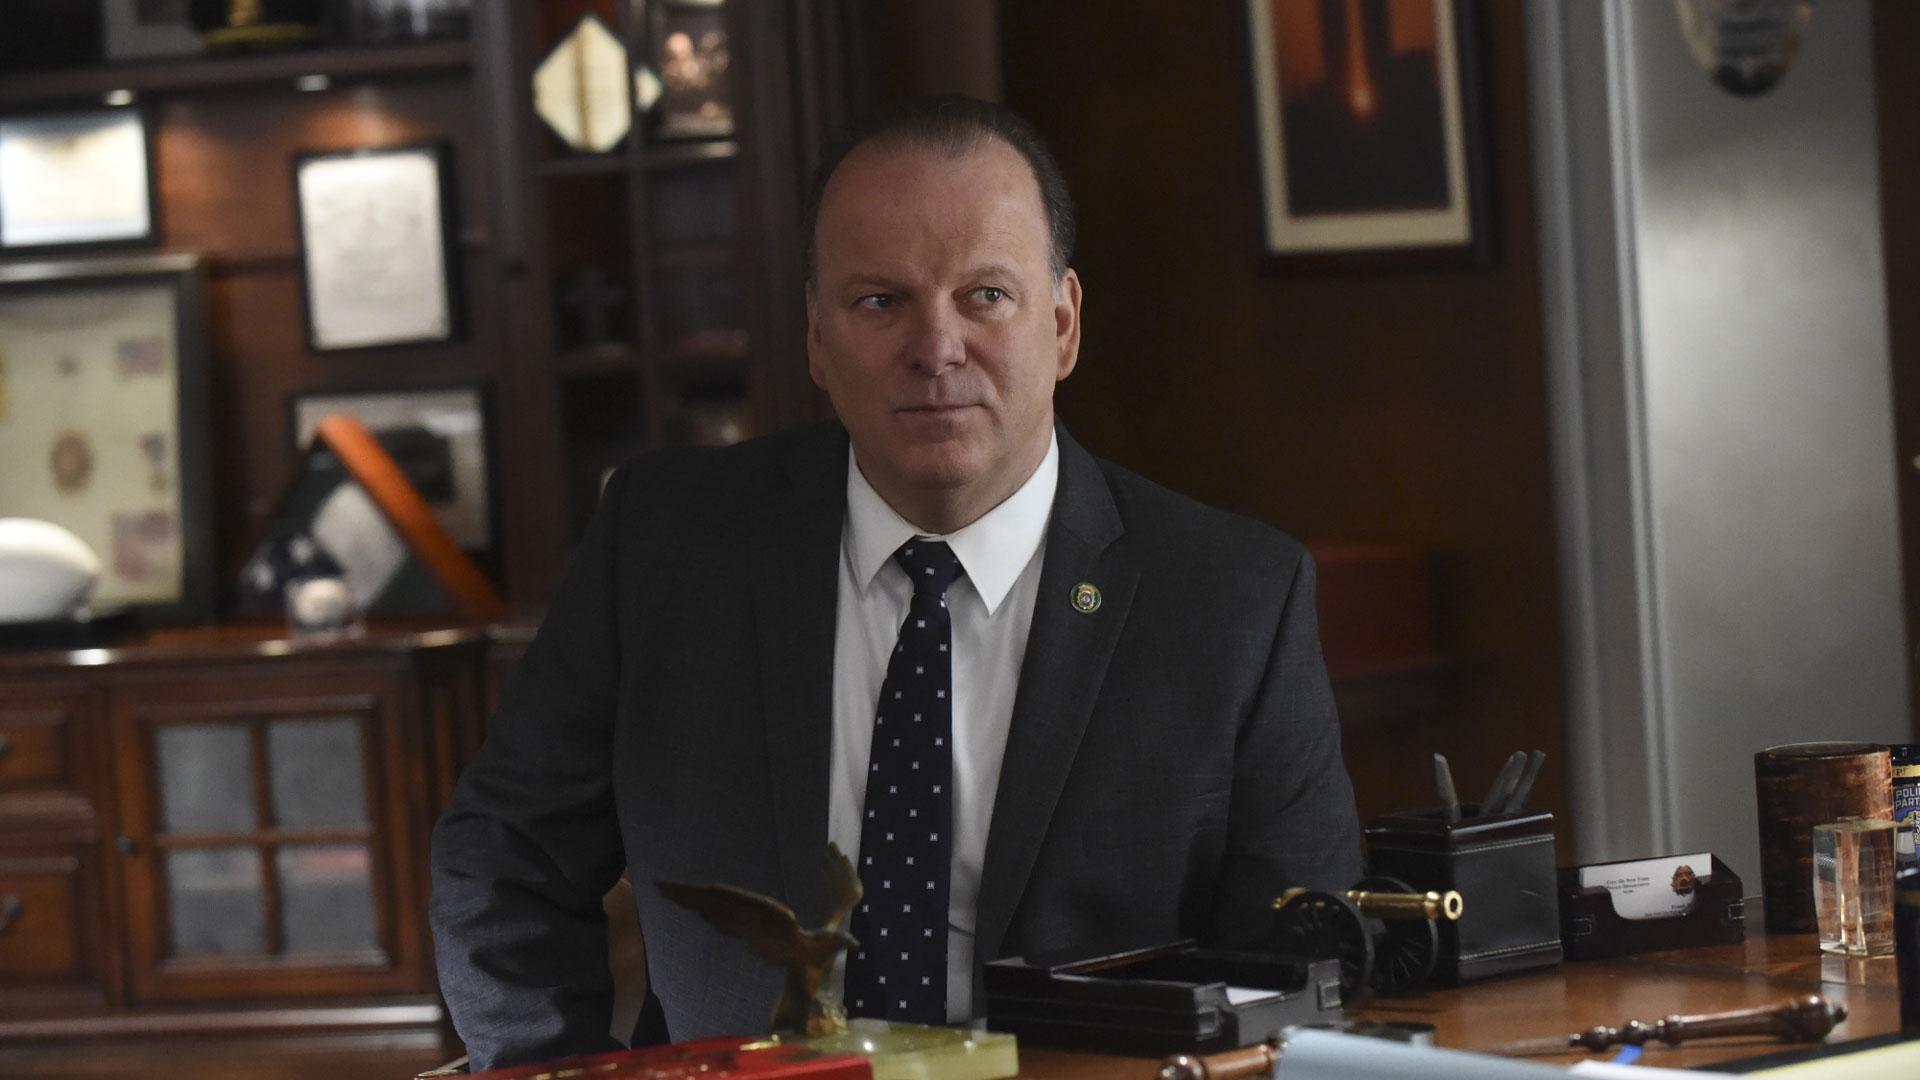 Robert Clohessy as Lt. Gormley